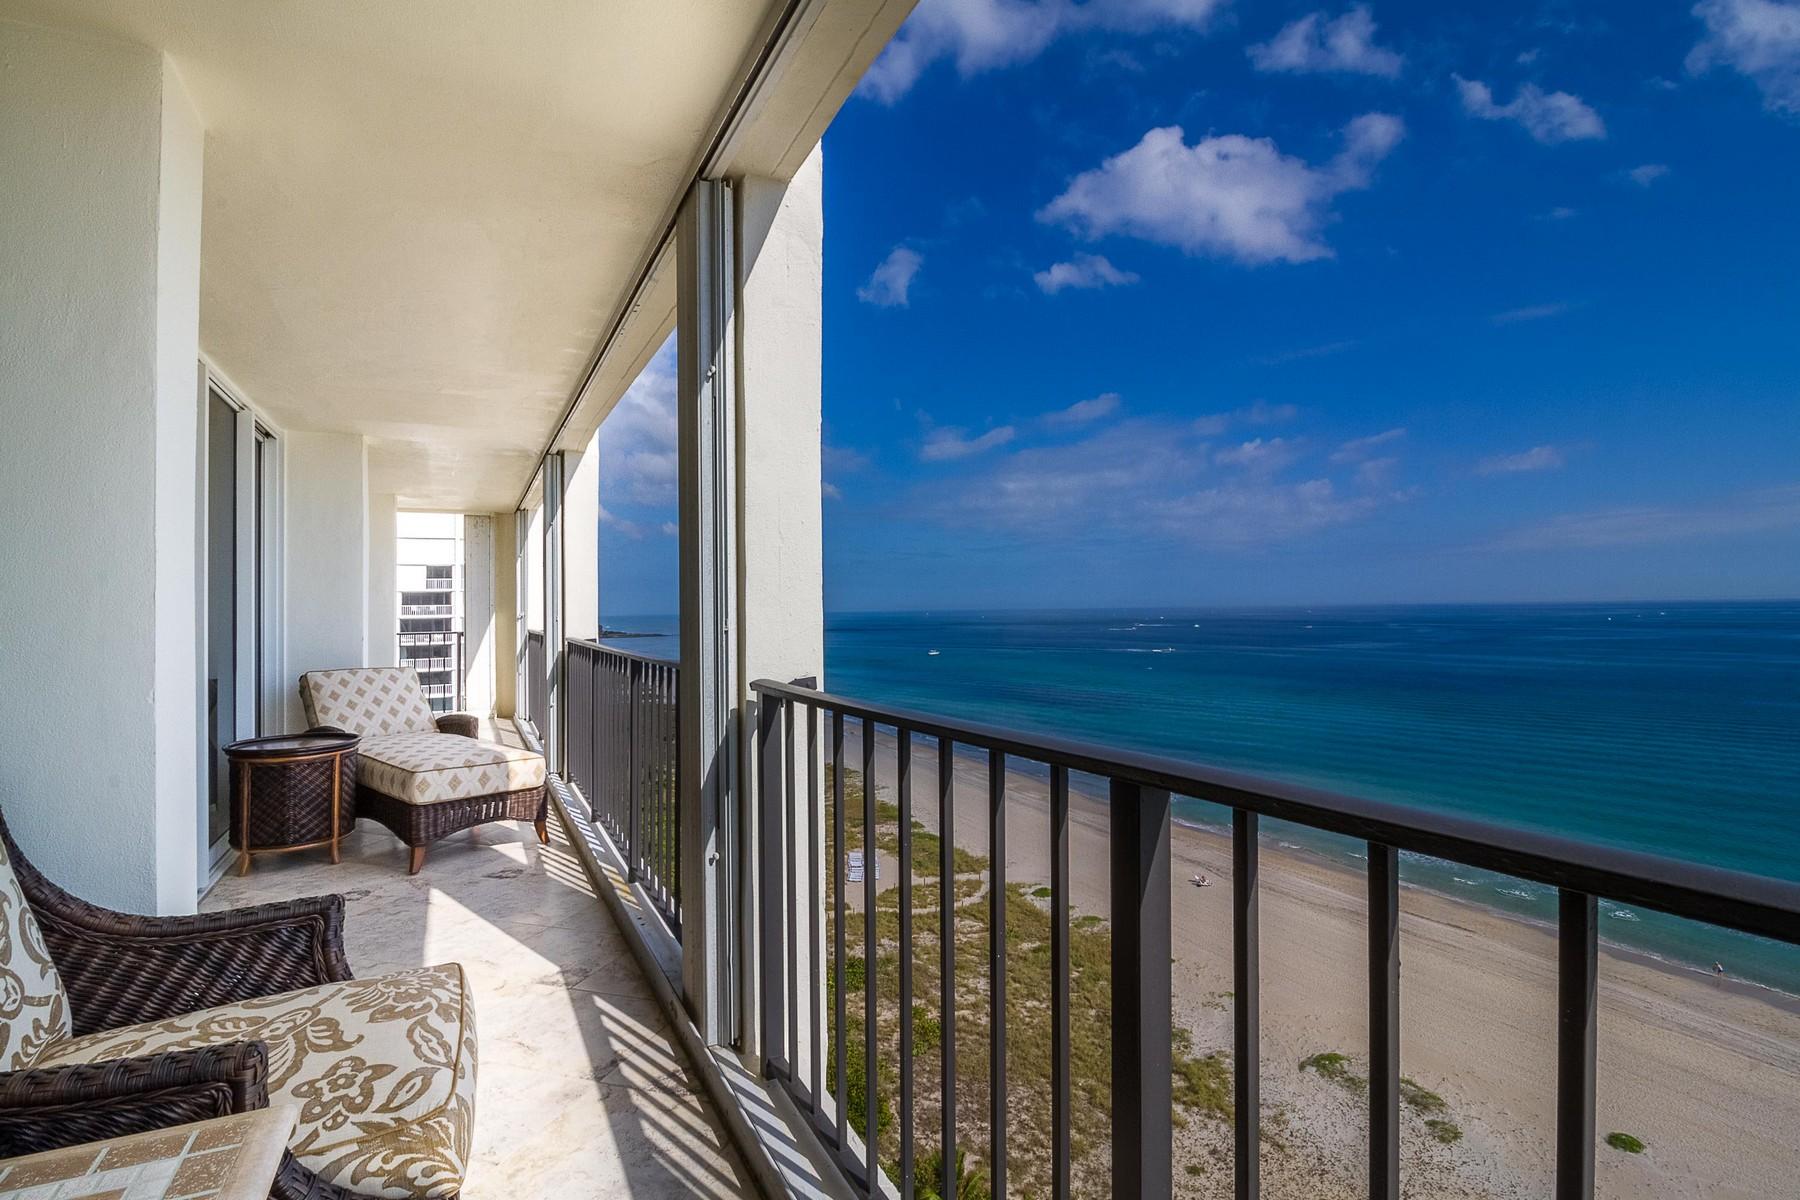 Eigentumswohnung für Verkauf beim 2800 S Ocean Blvd , 14a, Boca Raton, FL 33432 2800 S Ocean Blvd 14a Boca Raton, Florida, 33432 Vereinigte Staaten